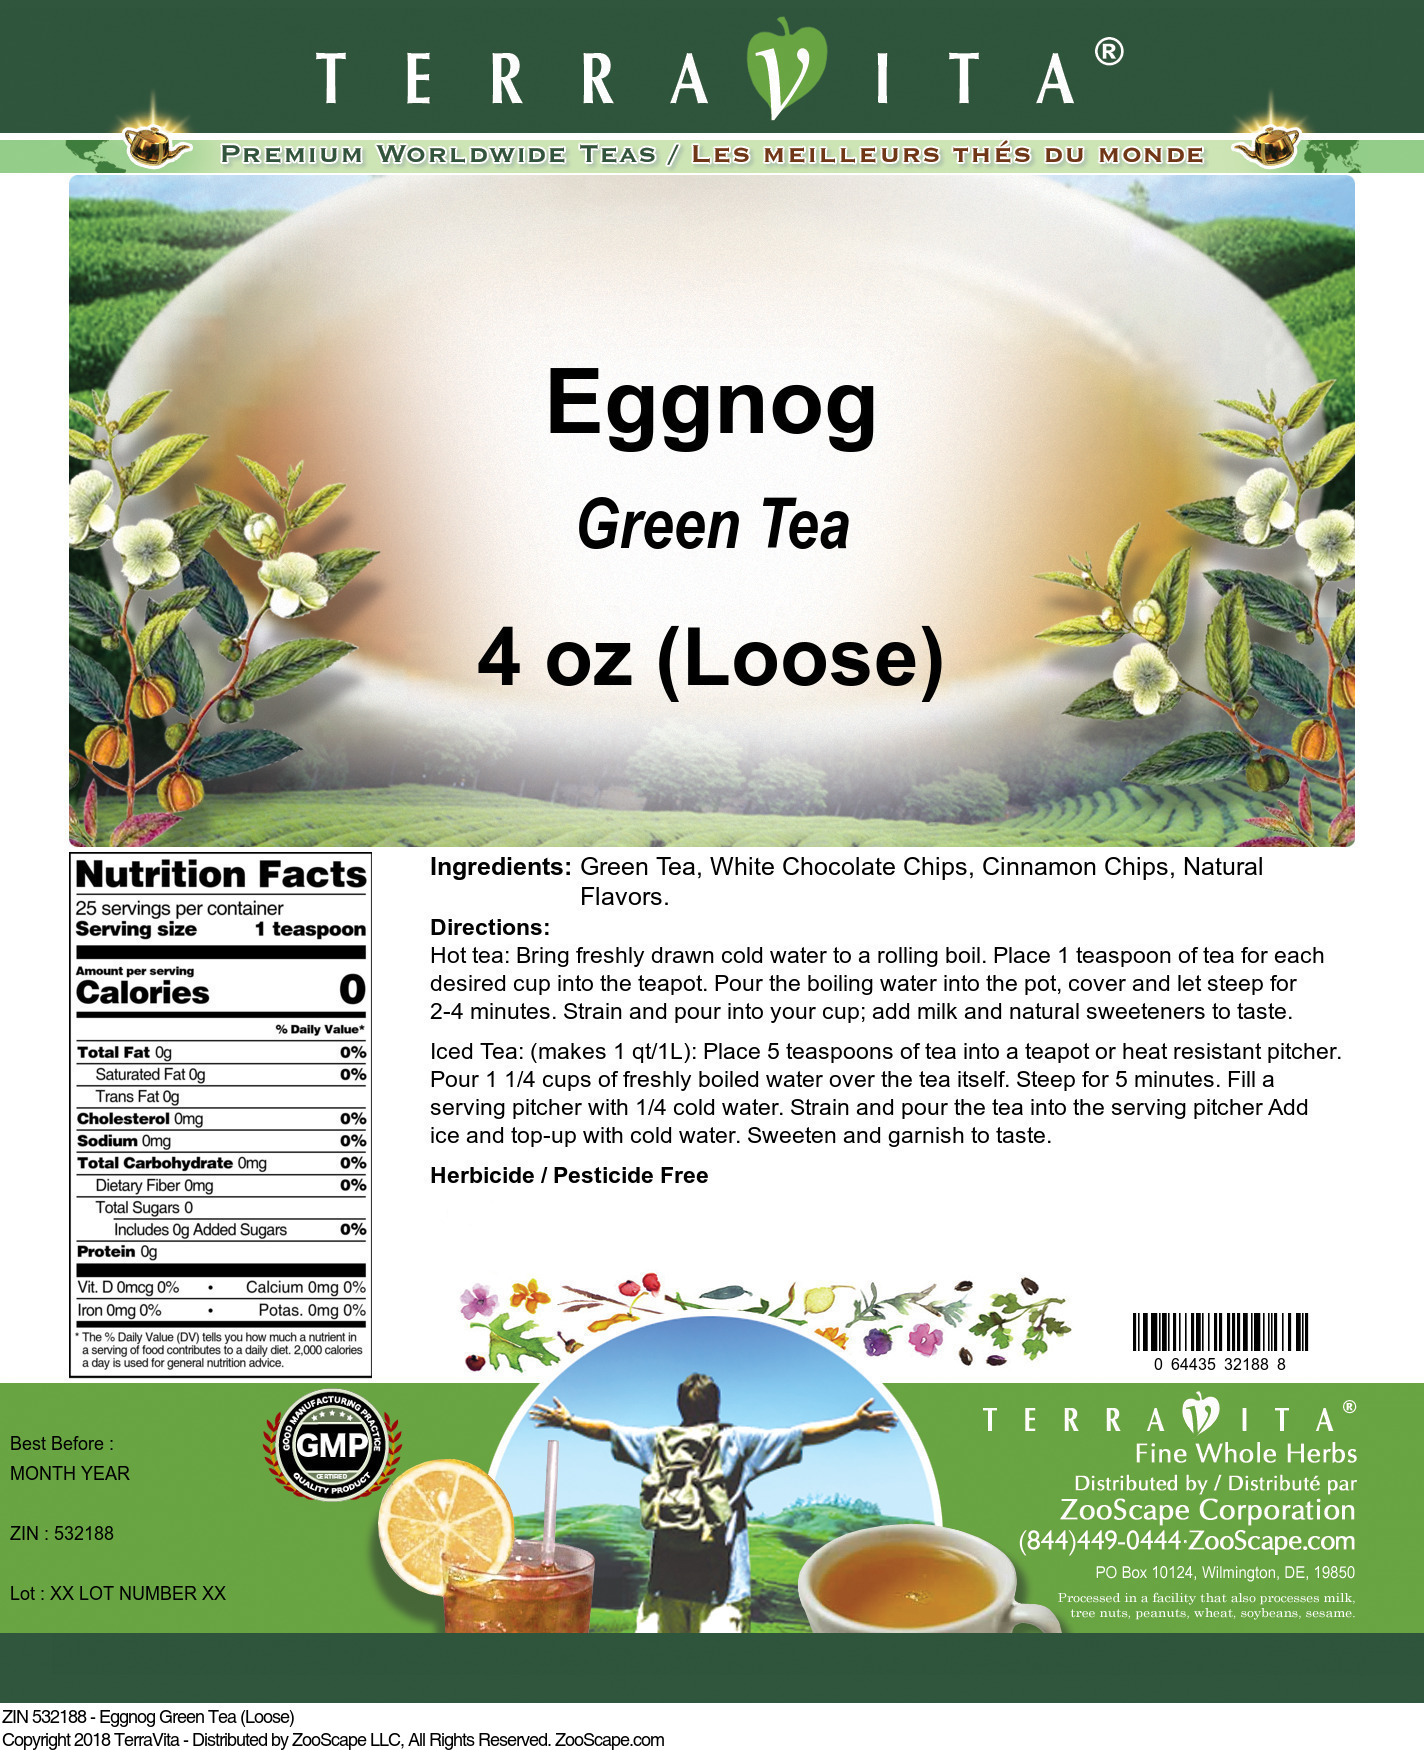 Eggnog Green Tea (Loose)